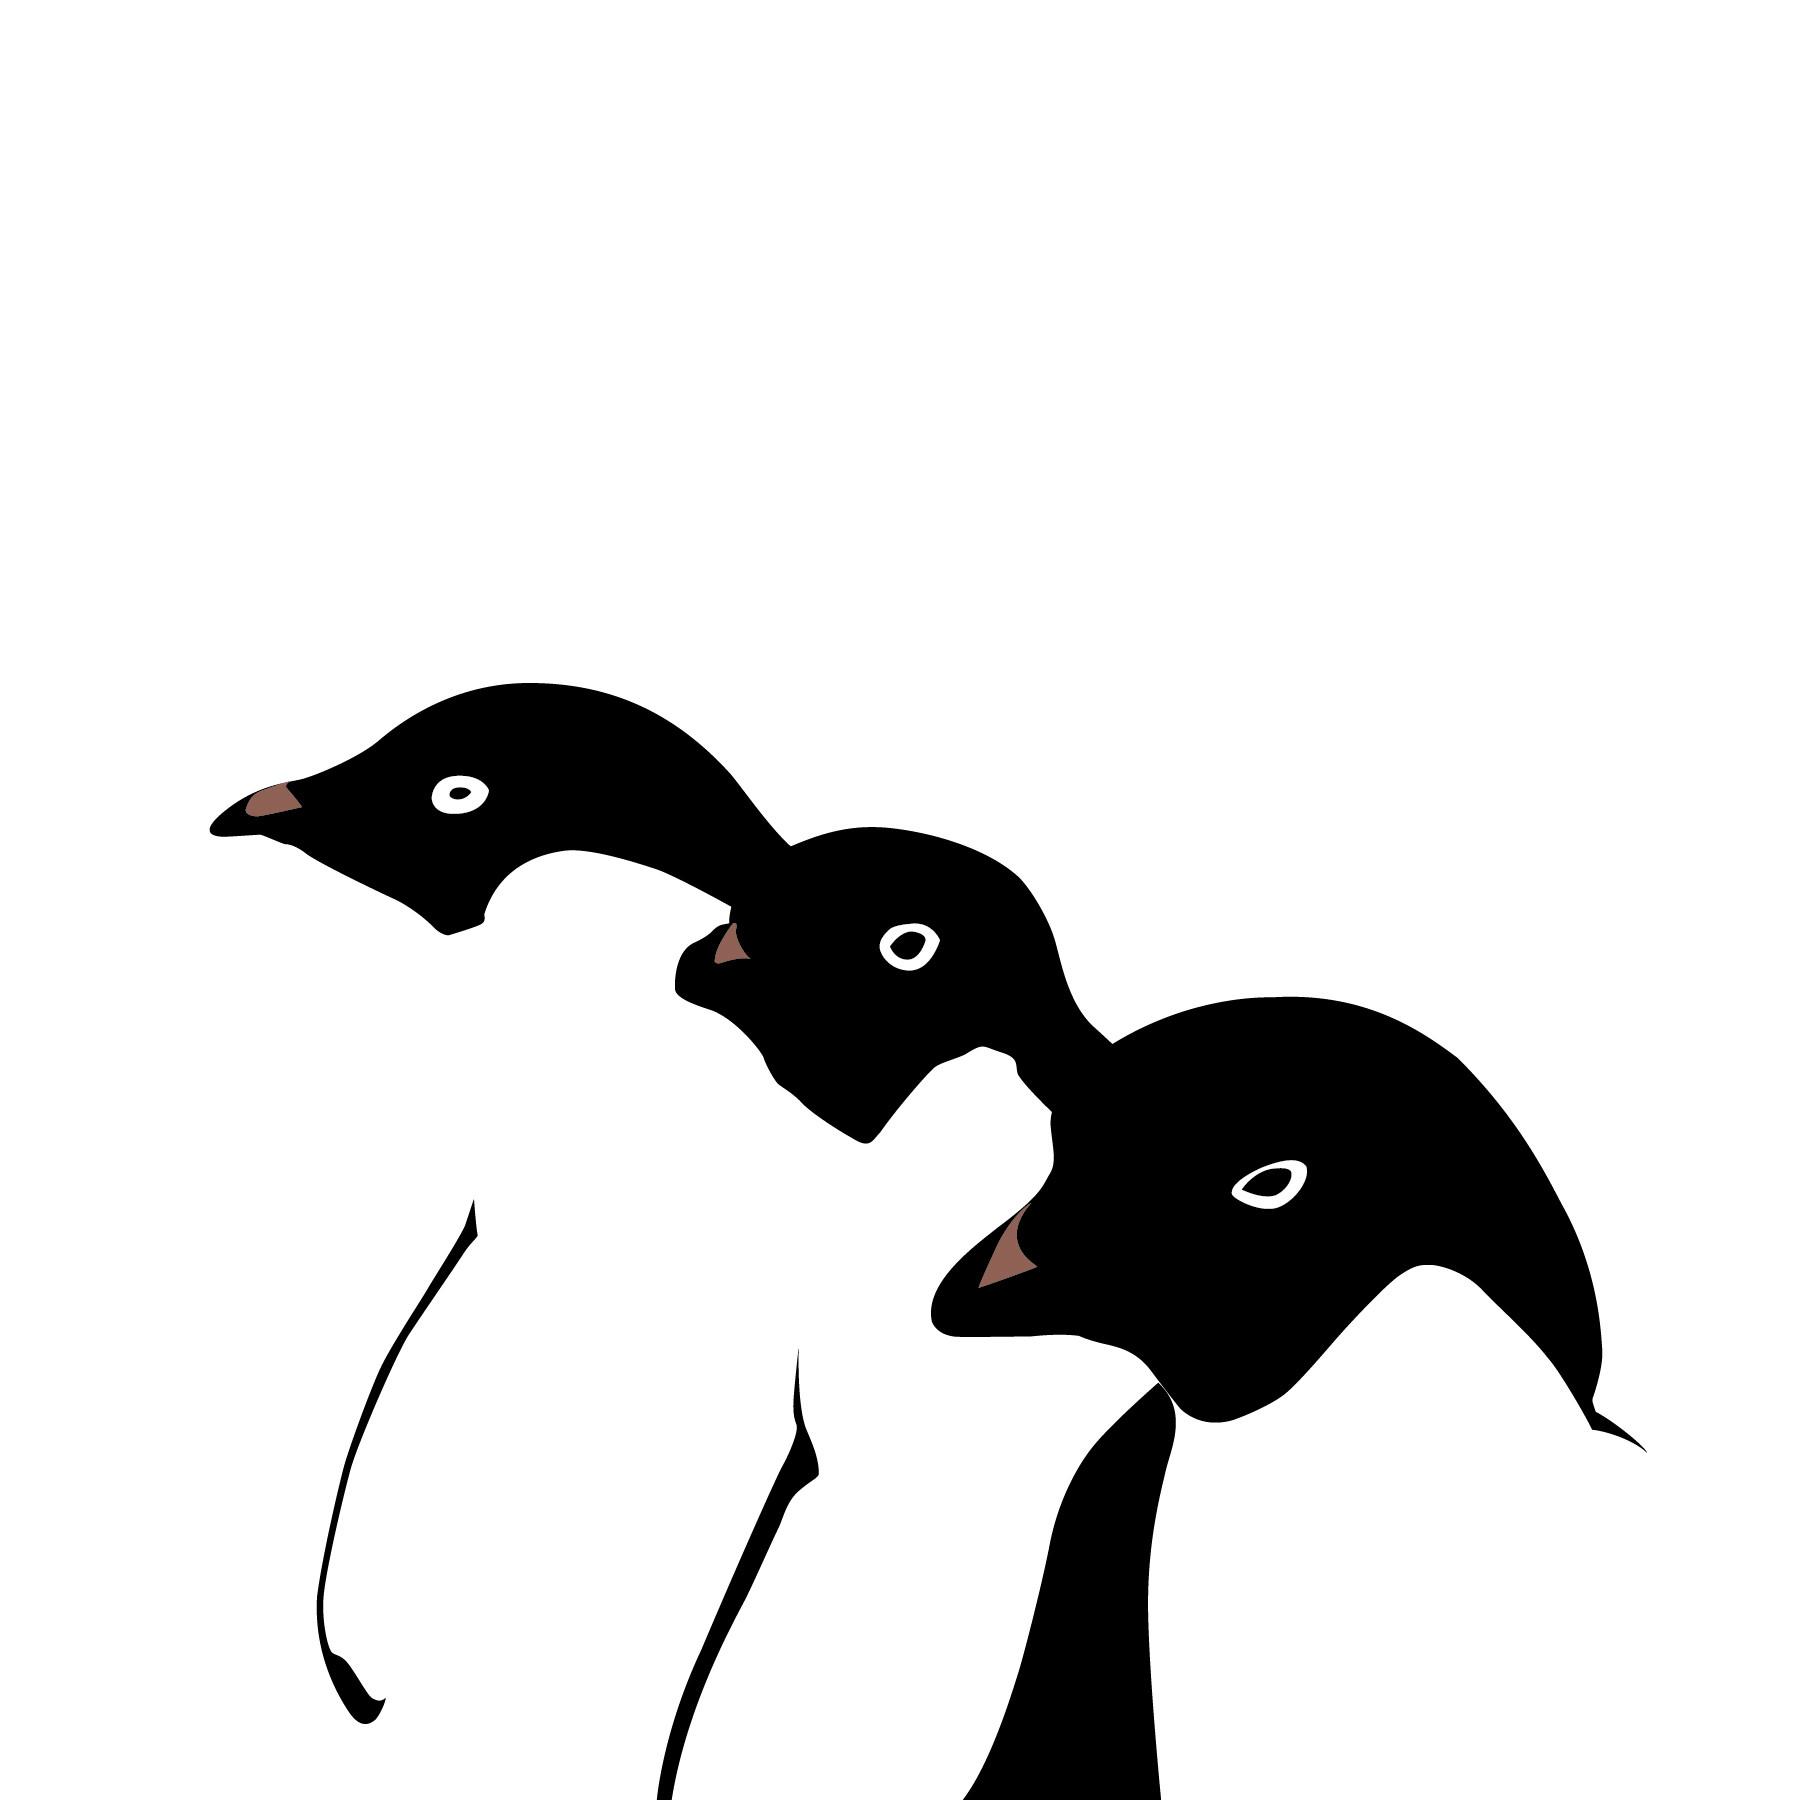 Rajesh r sawant penguins 01